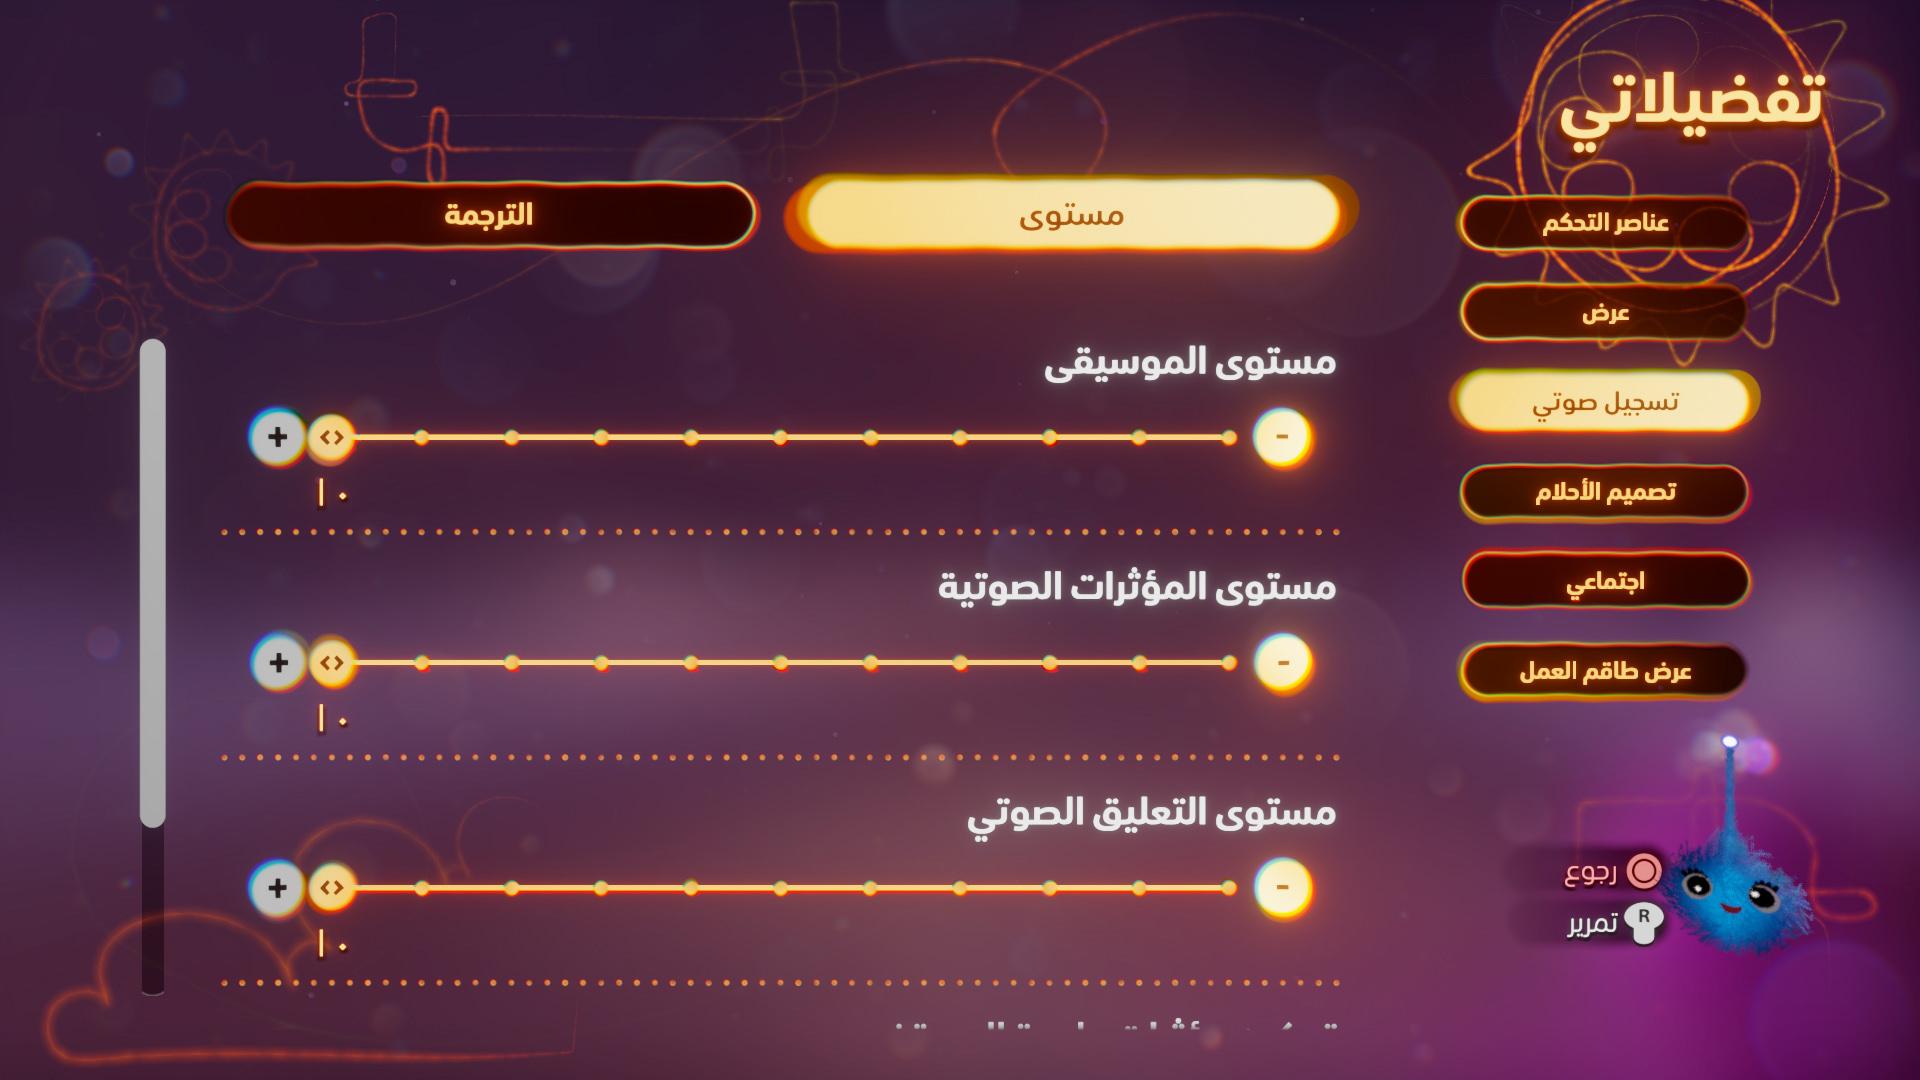 لقطة شاشة تُظهر أشرطة تمرير مستوى الصوت في قائمة التفضيلات